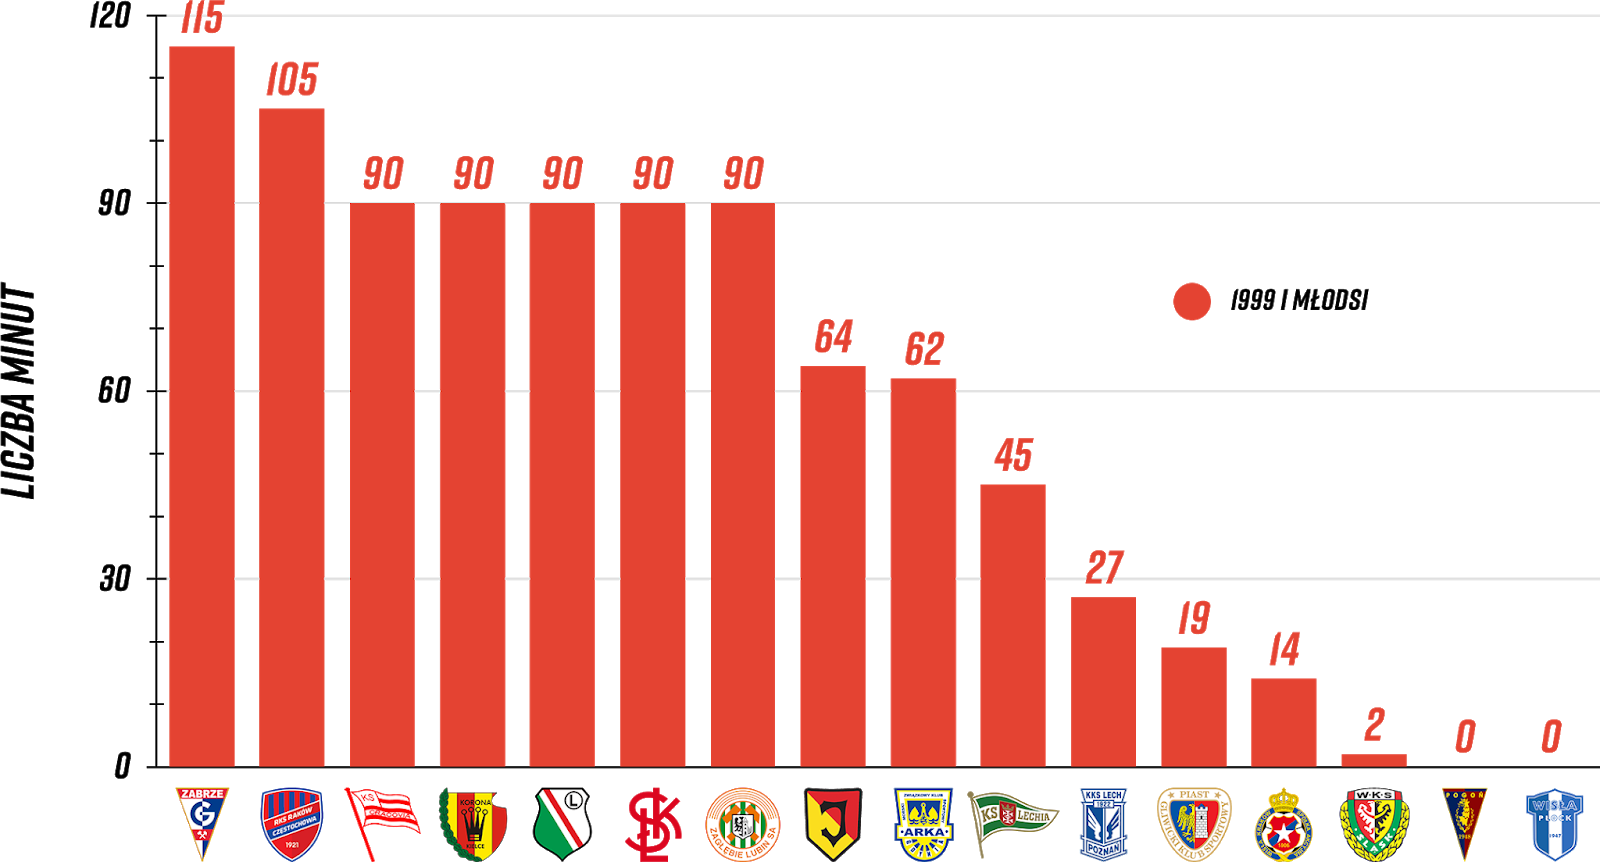 Klasyfikacja klubów pod względem rozegranych minut przez młodzieżowców z rocznika 1999 i młodsi w 5. kolejce PKO Ekstraklasy<br><br>Źródło: Opracowanie własne na podstawie ekstrastats.pl i 90minut.pl<br><br>graf. Bartosz Urban